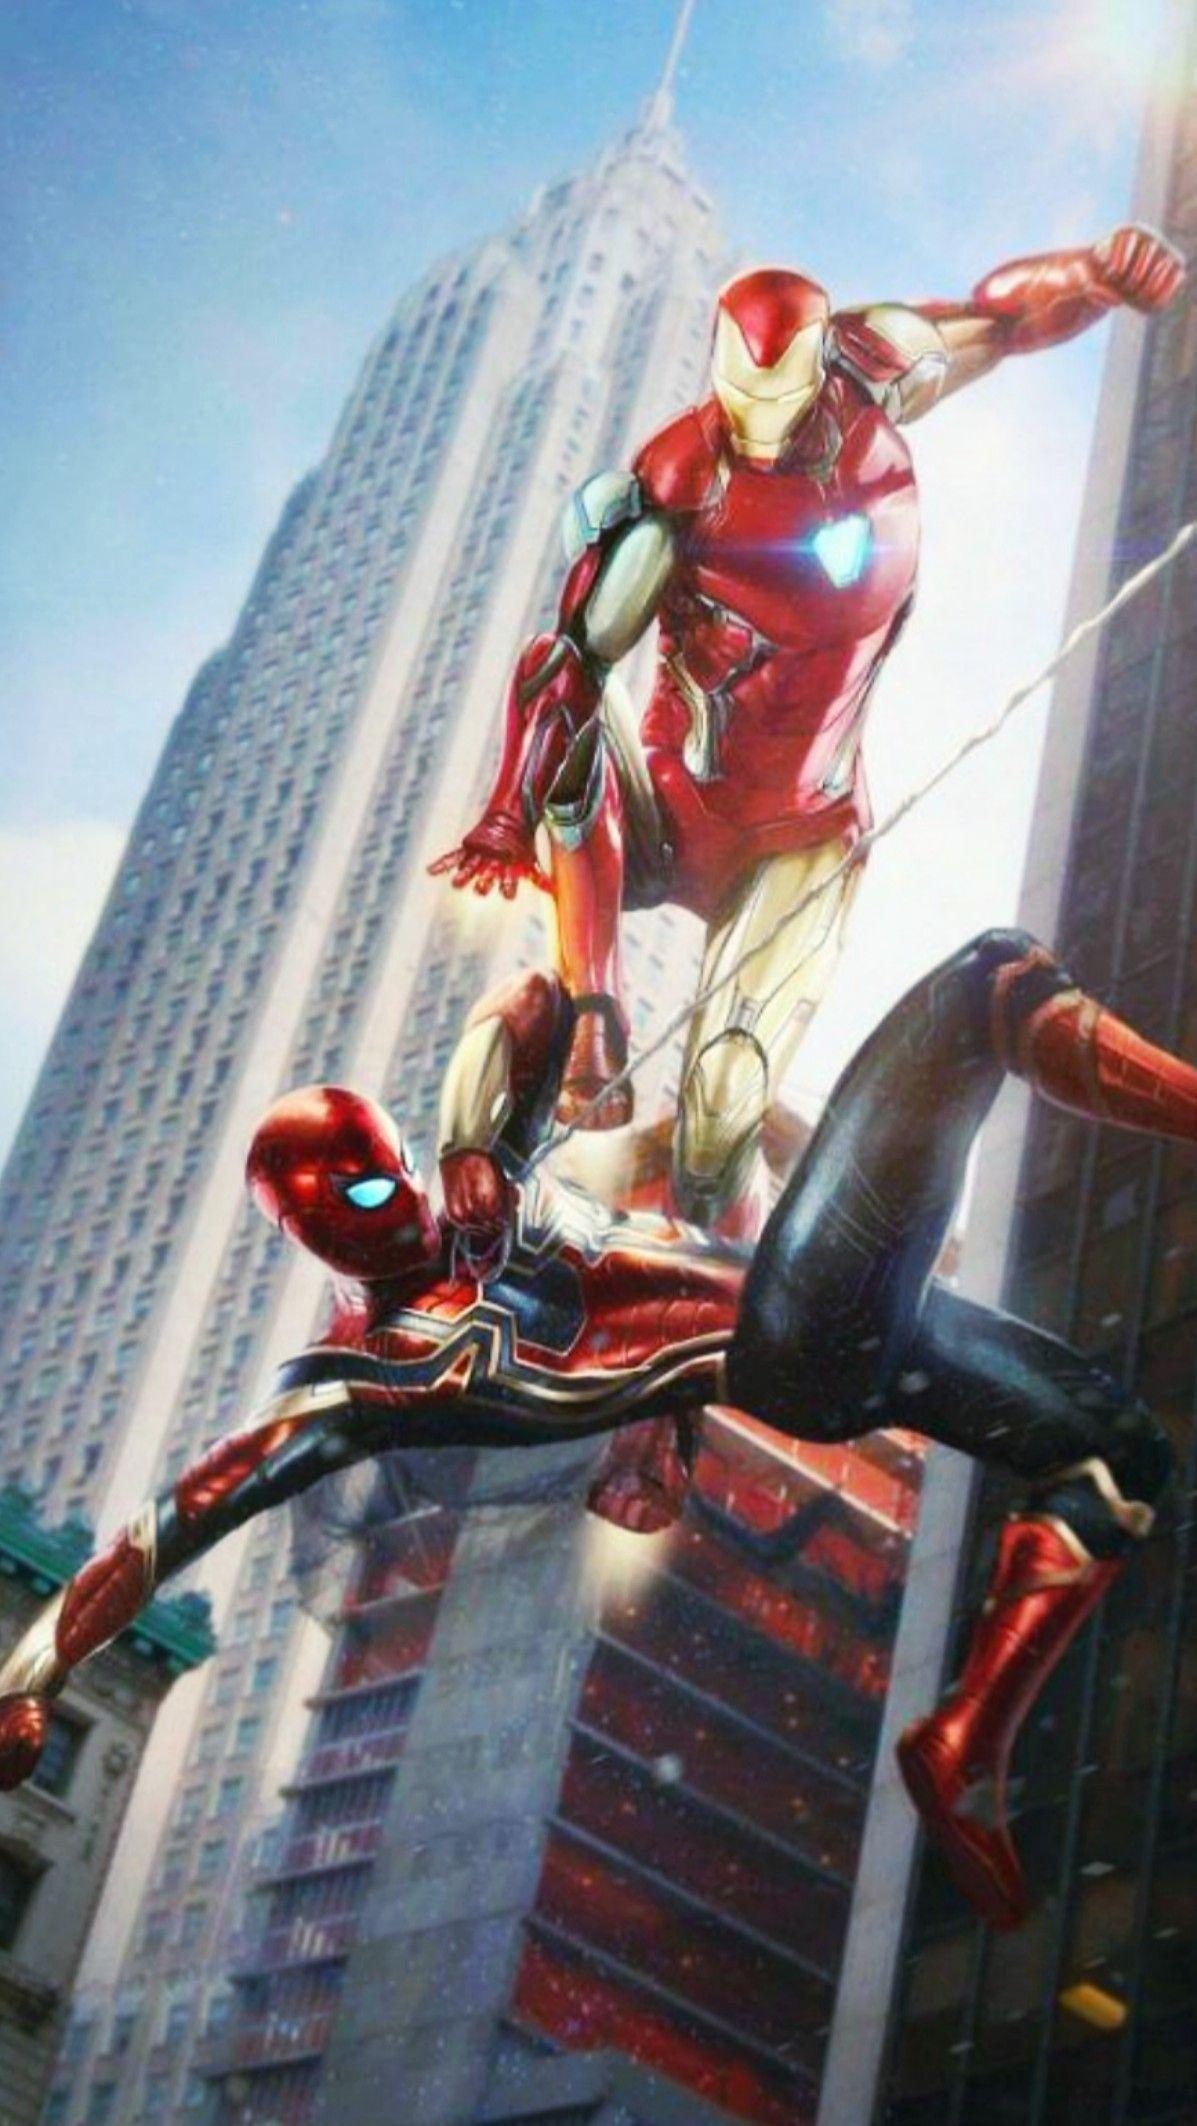 Avengers Endgame ironman spiderman Marvel wallpaper